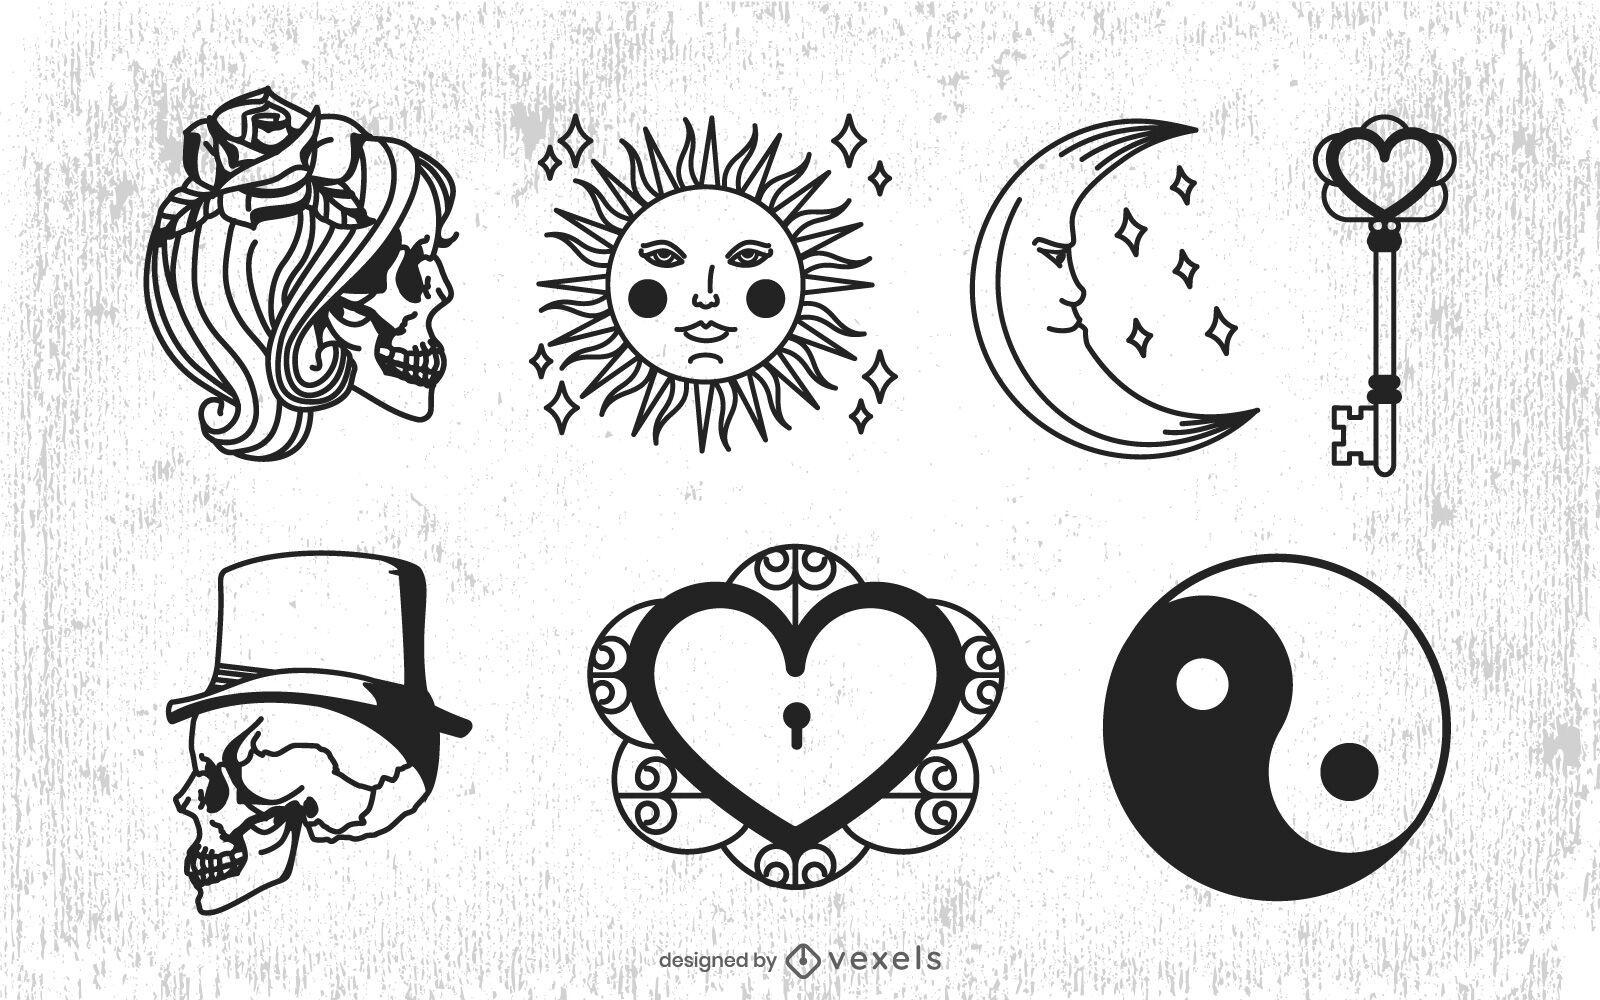 Paquete de elementos ilustrados esotéricos